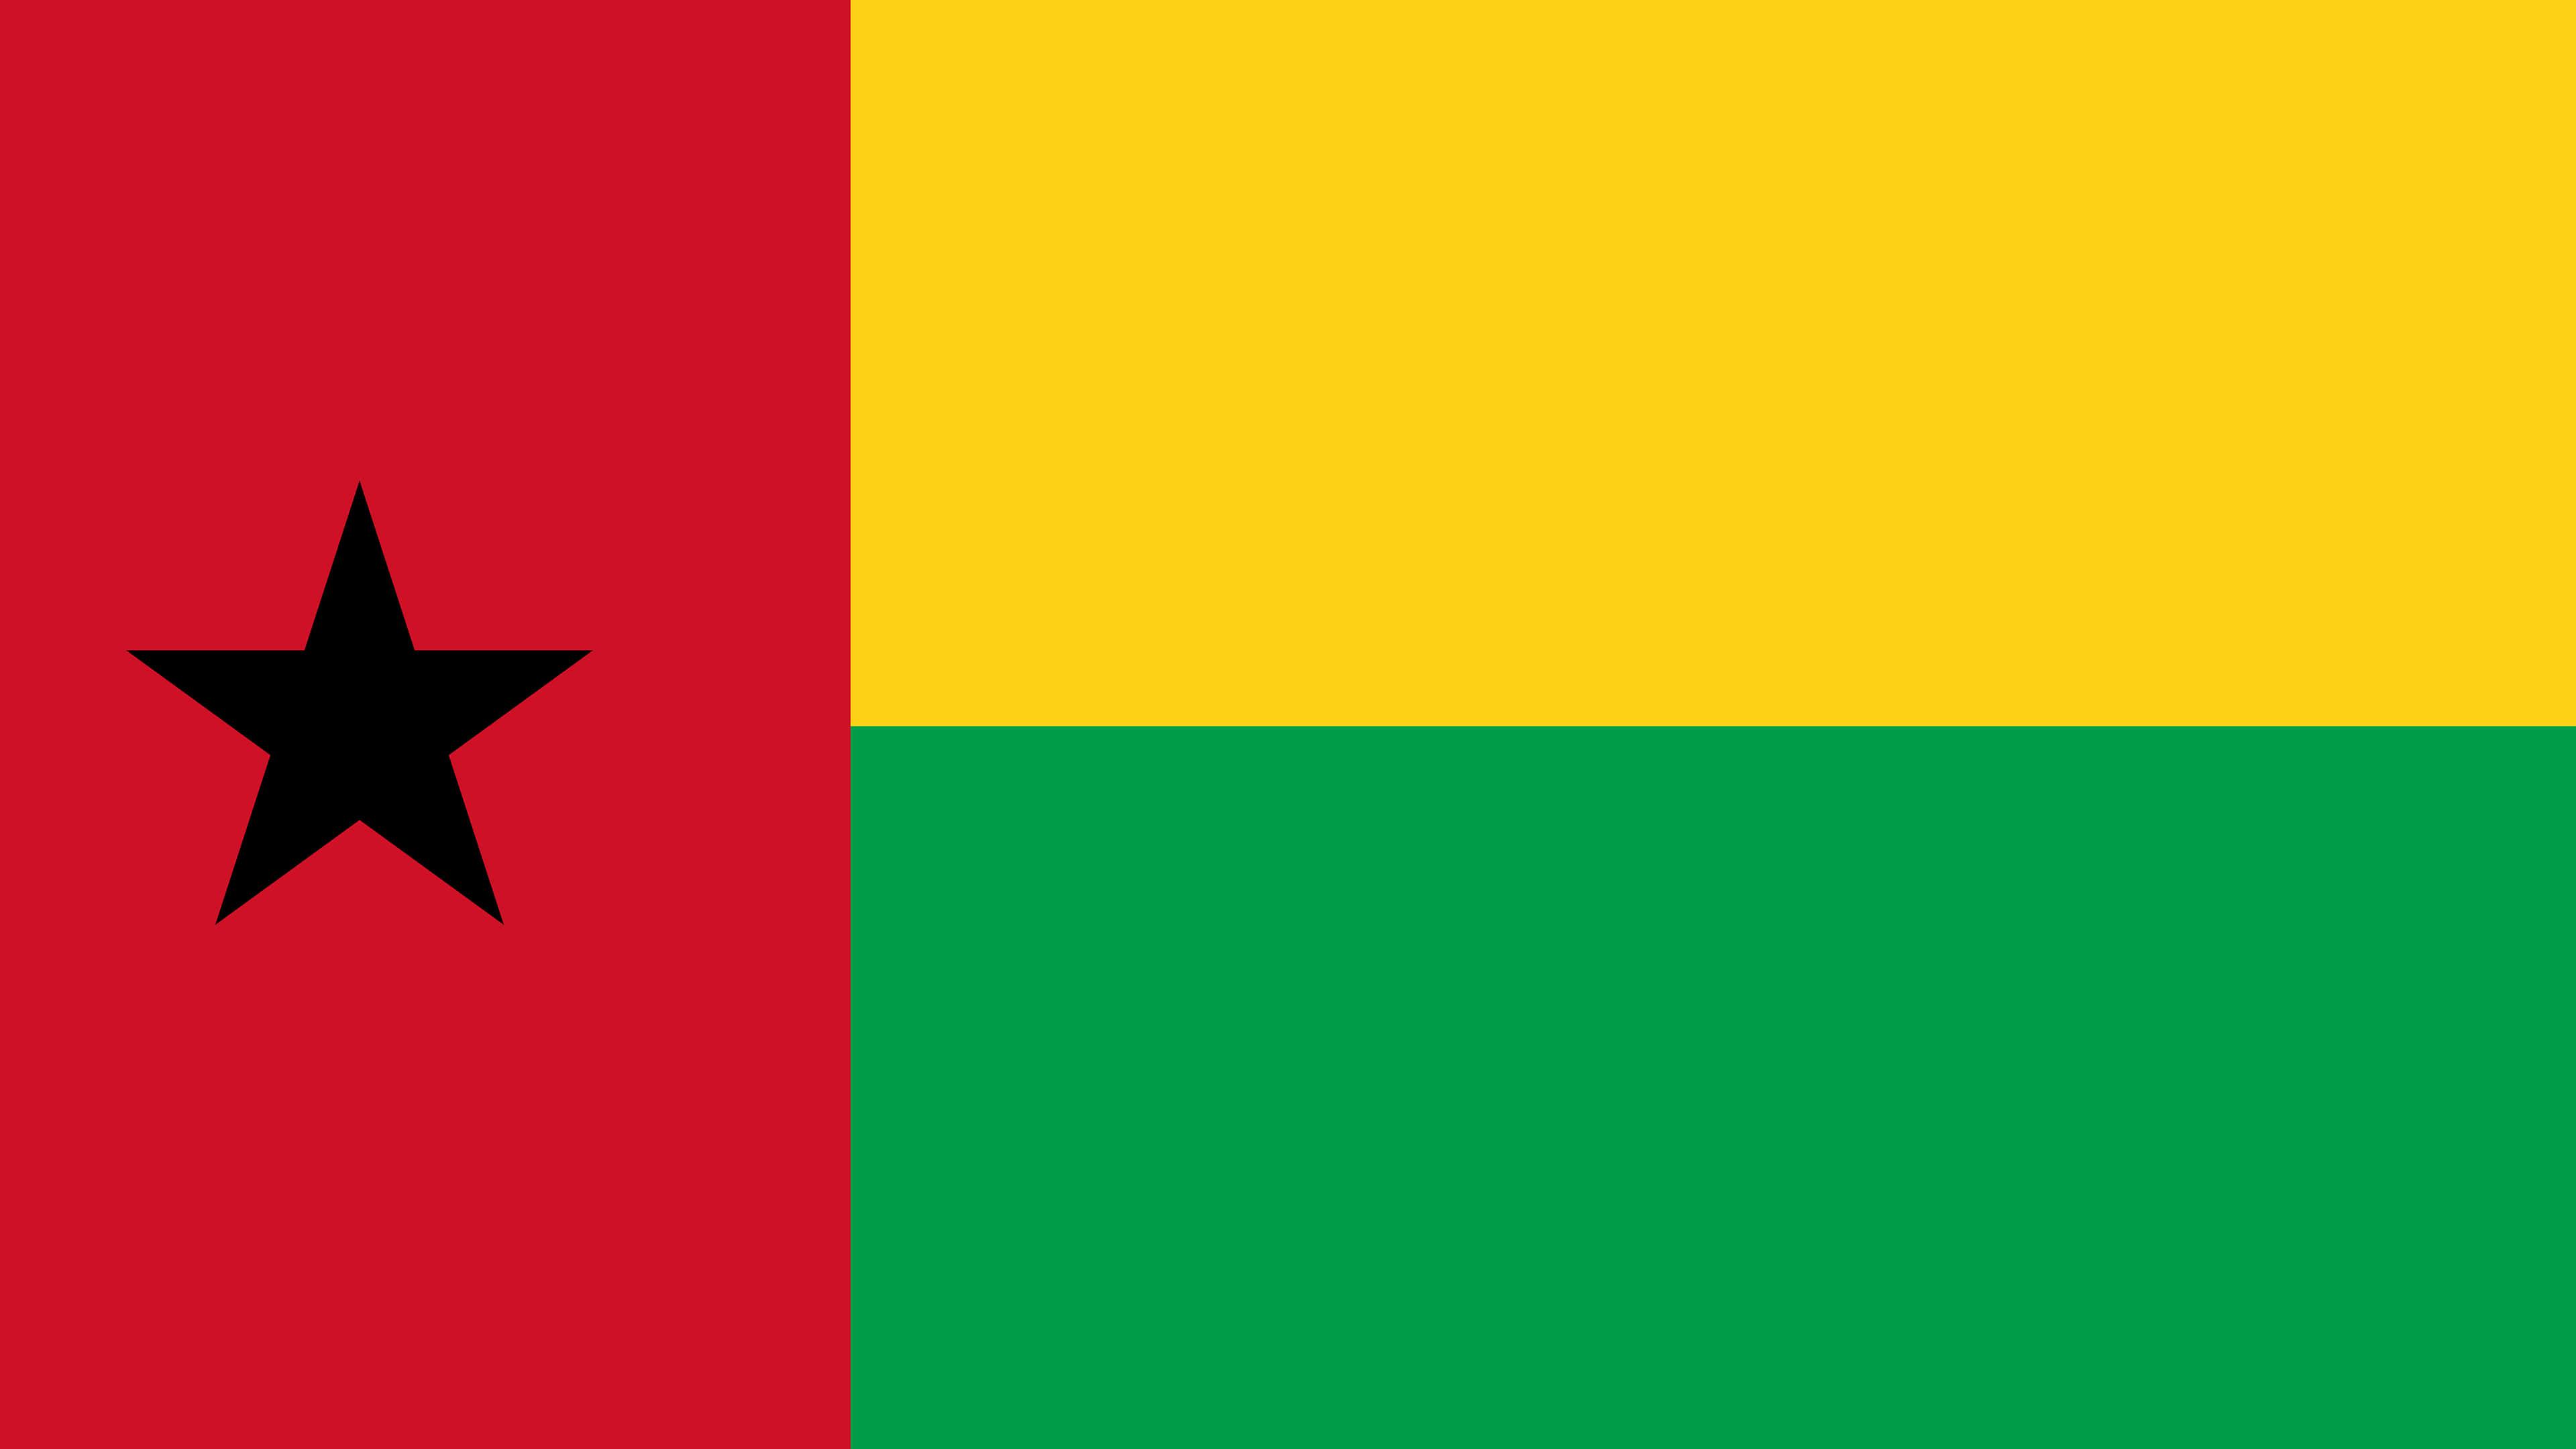 guinea bissau flag uhd 4k wallpaper